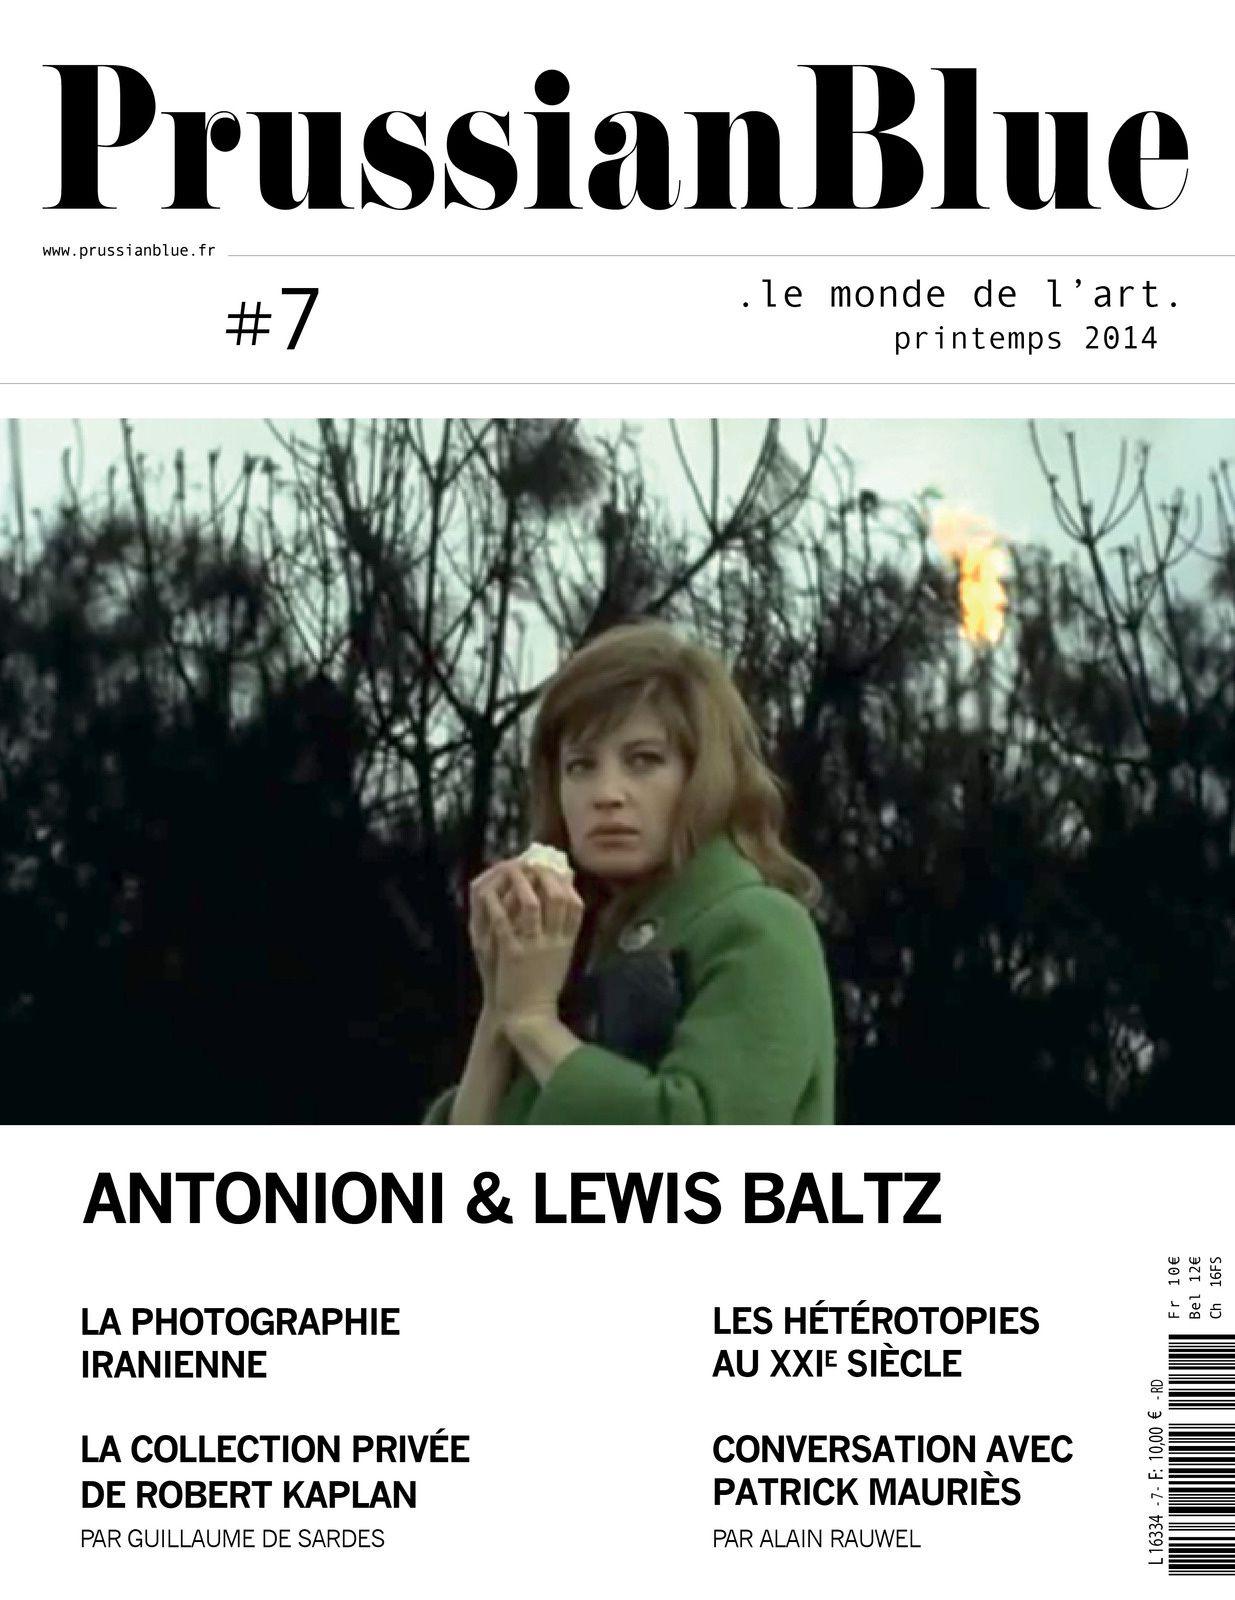 Prussian Blue, sans doute l'une des meilleures revues d'art